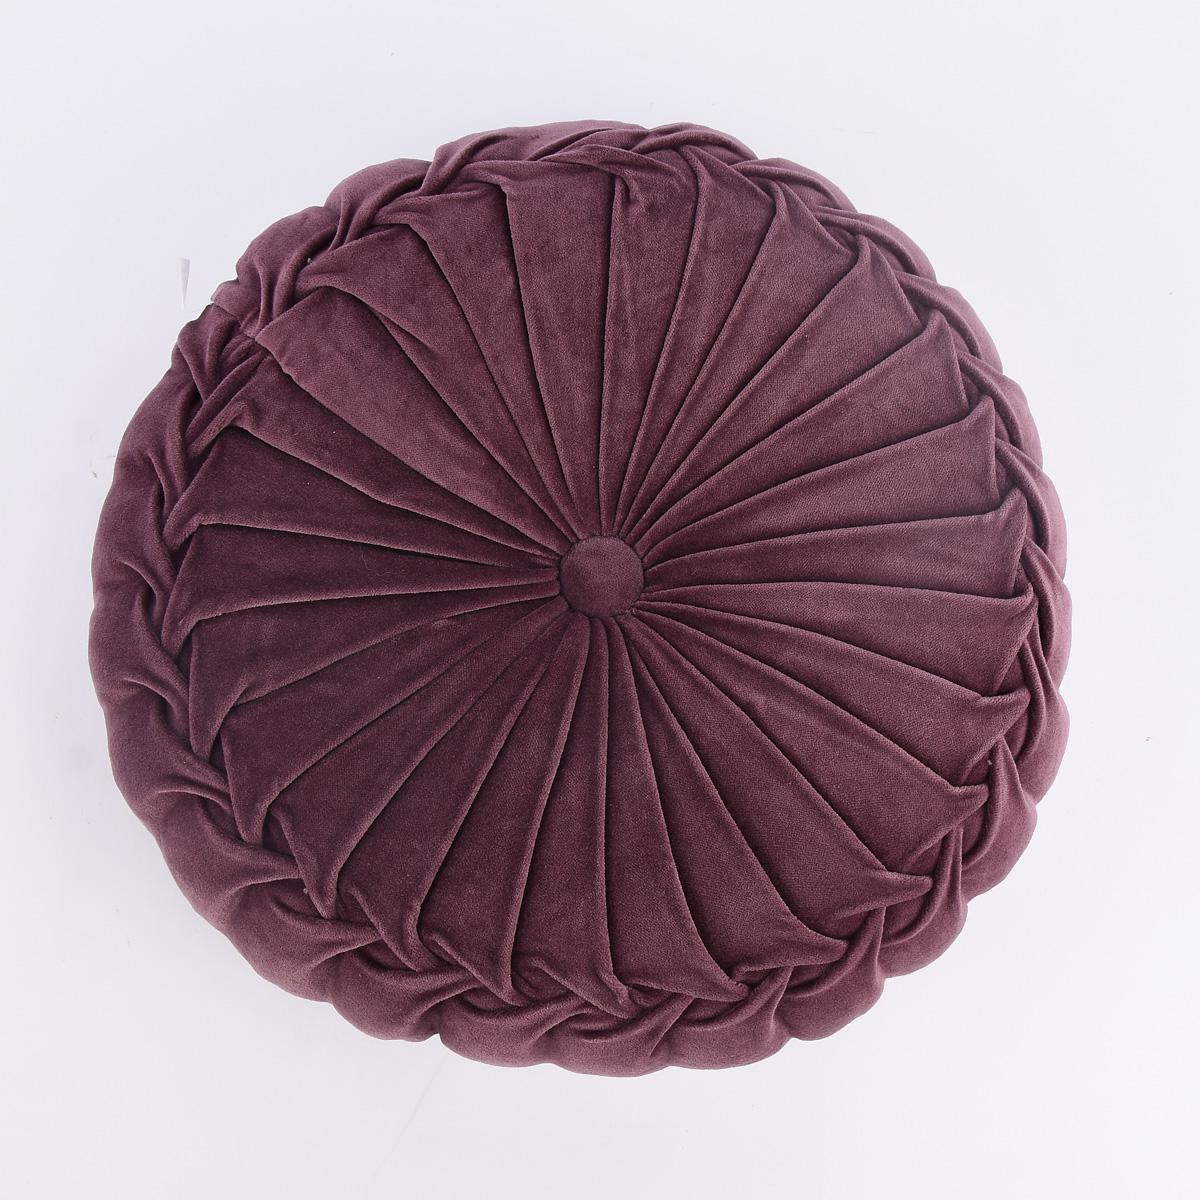 Kissen Samtkissen rund violett 40x12cm